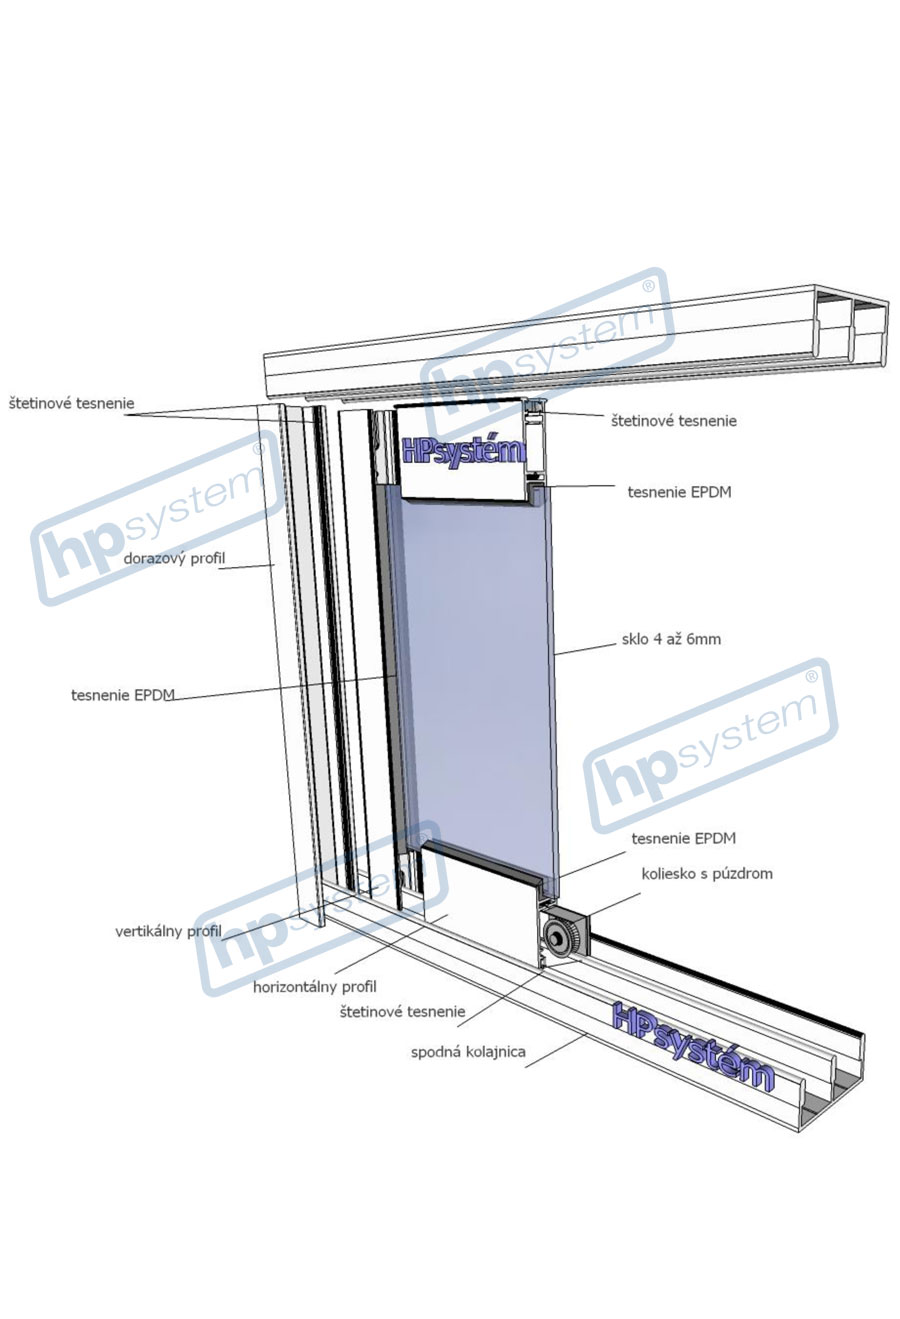 Rámový systém - zasklievanie balkónov a lodžií